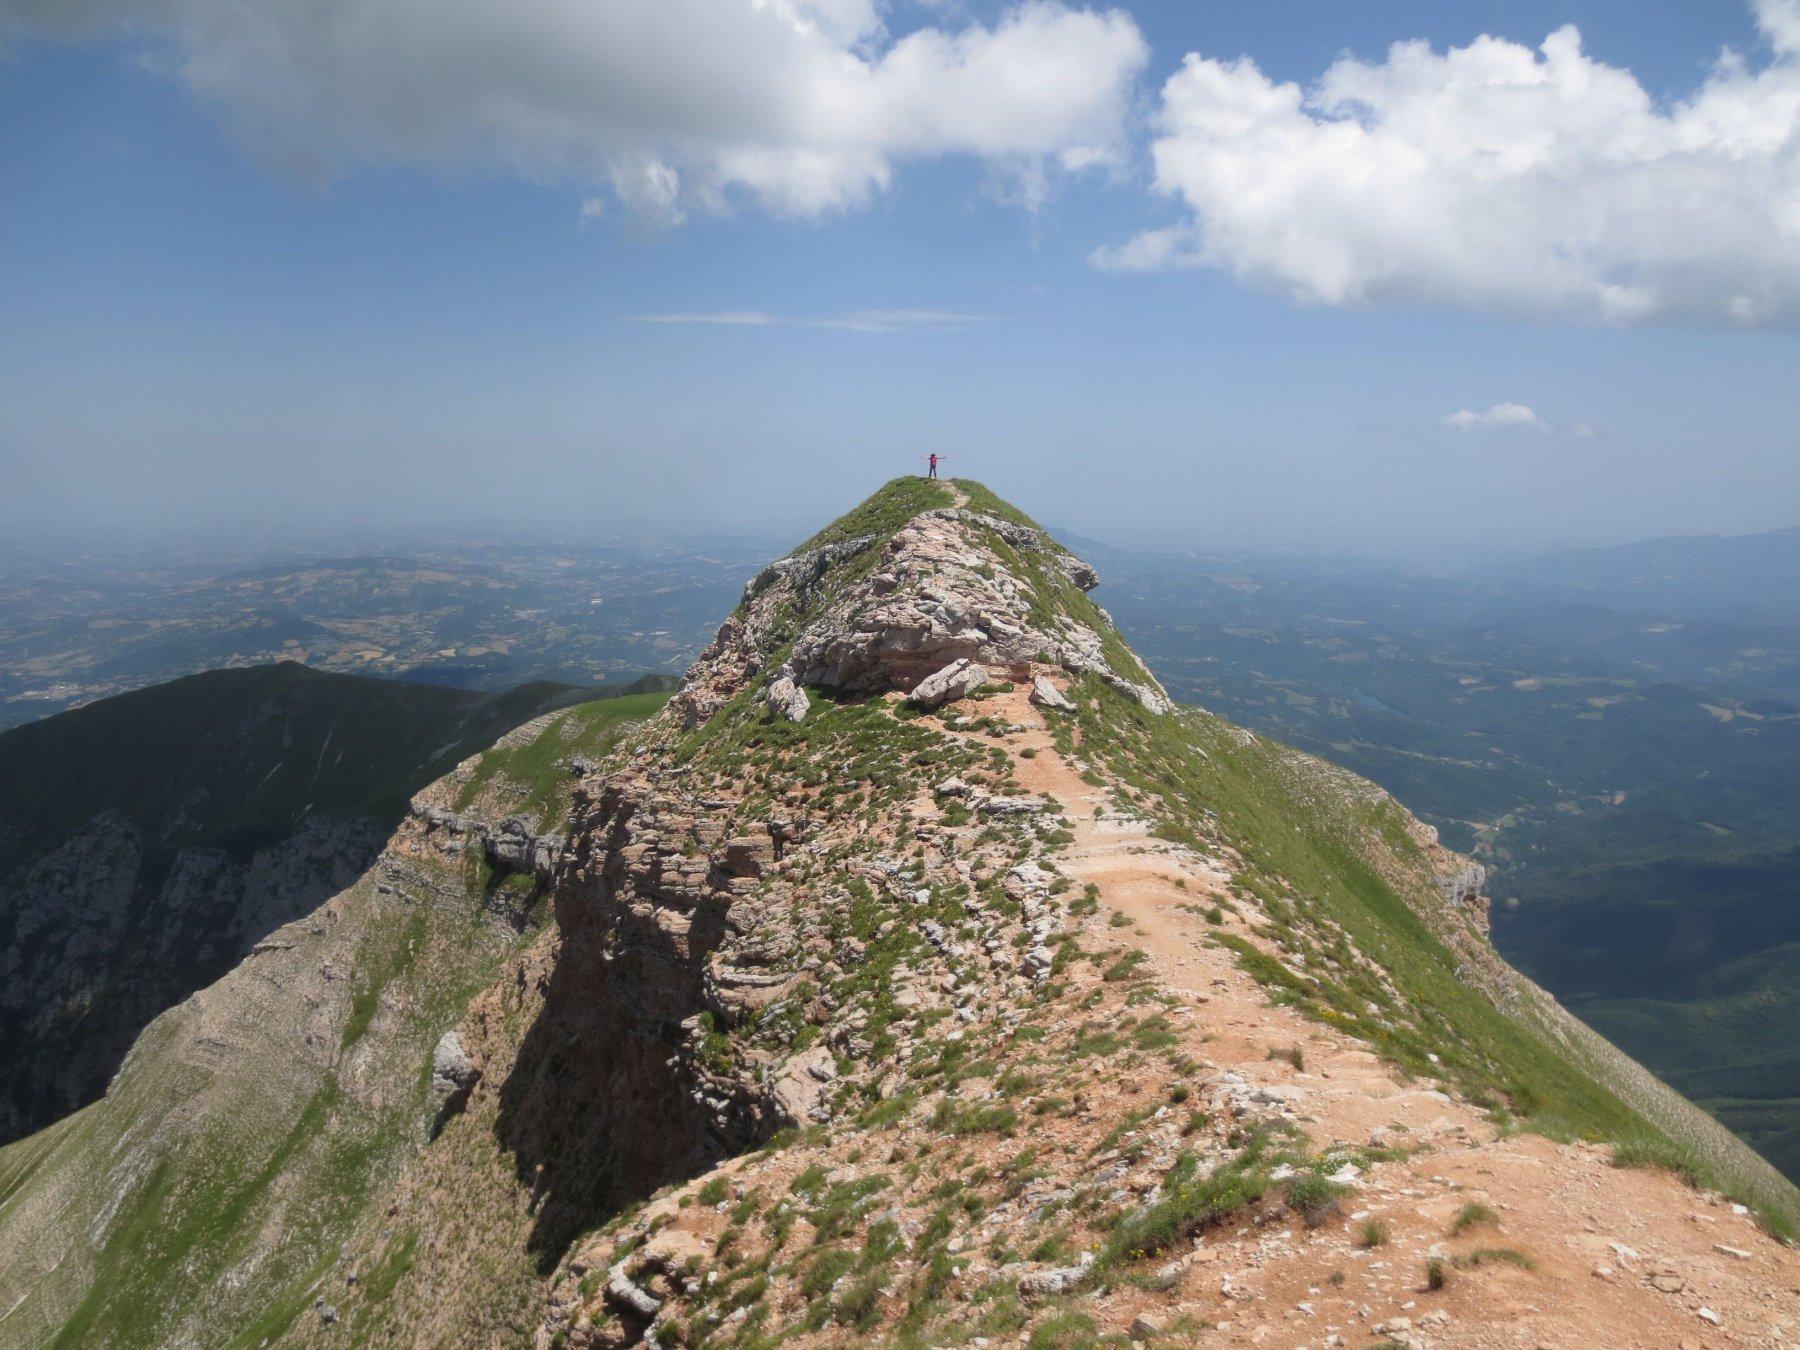 La cima del Monte Sibilla